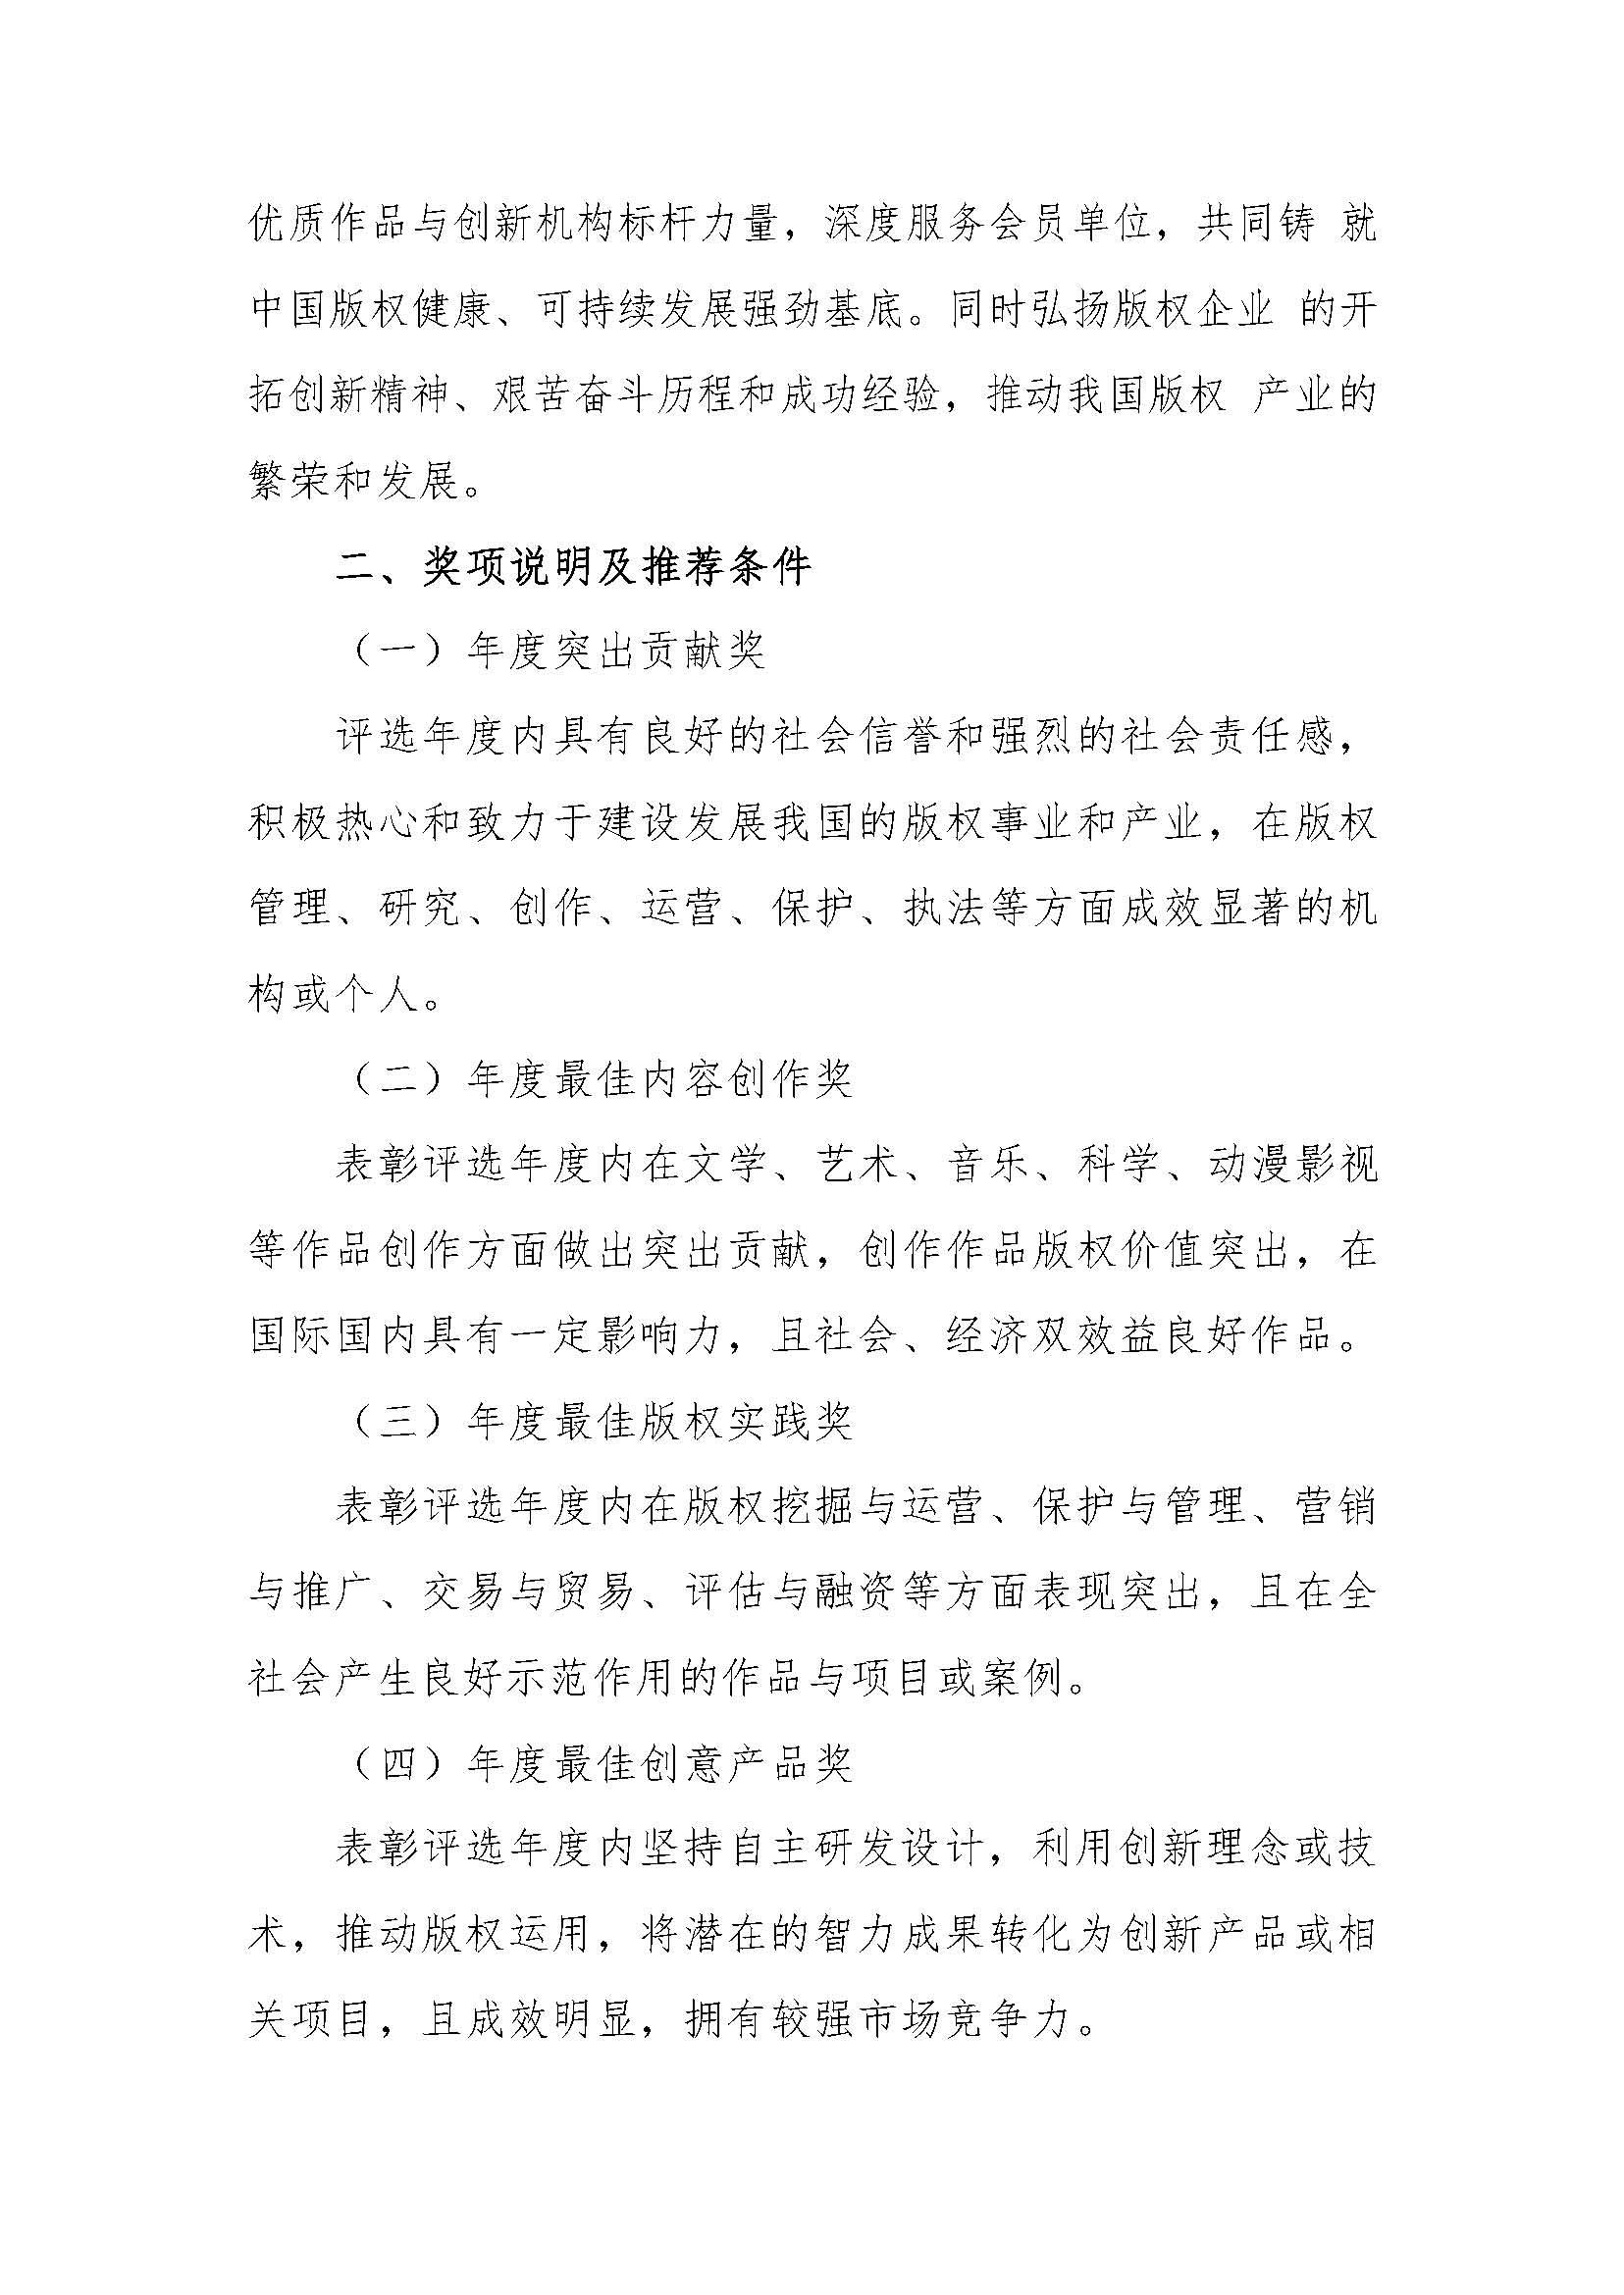 2020-08-11关于推荐和评选2020年中国版权奖项的通知-转发版_页面_3.jpg